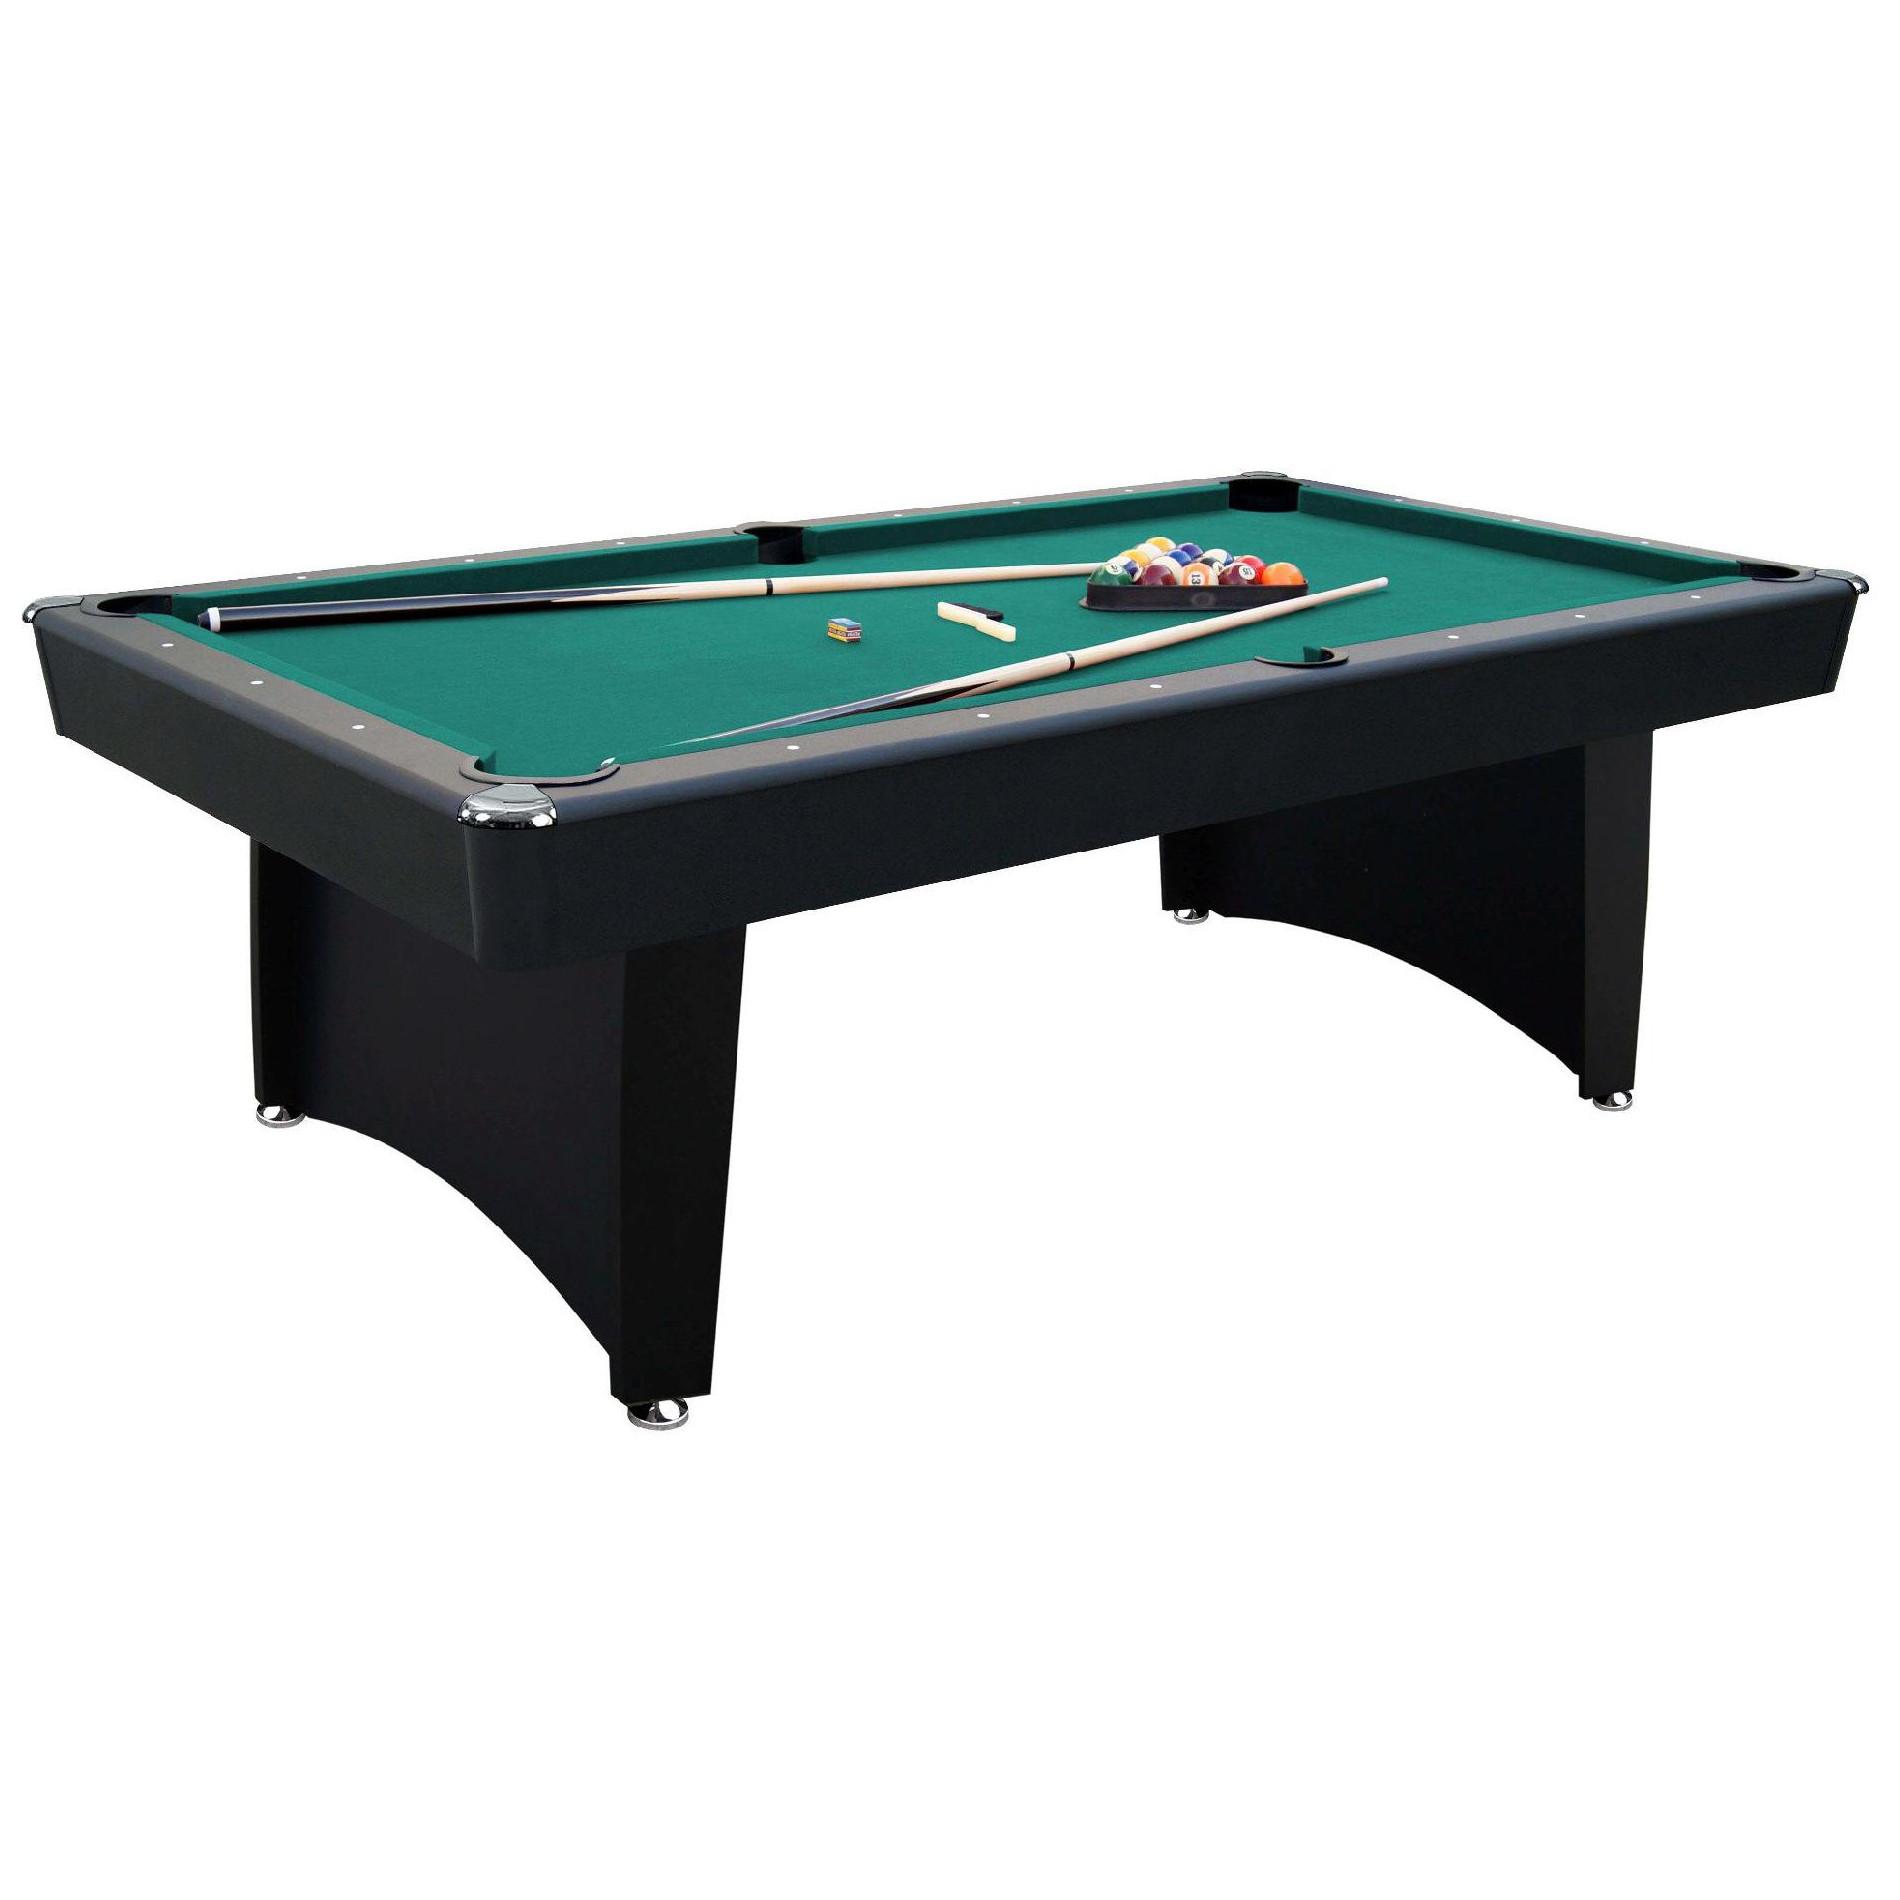 Sears Pool Tables Billiards